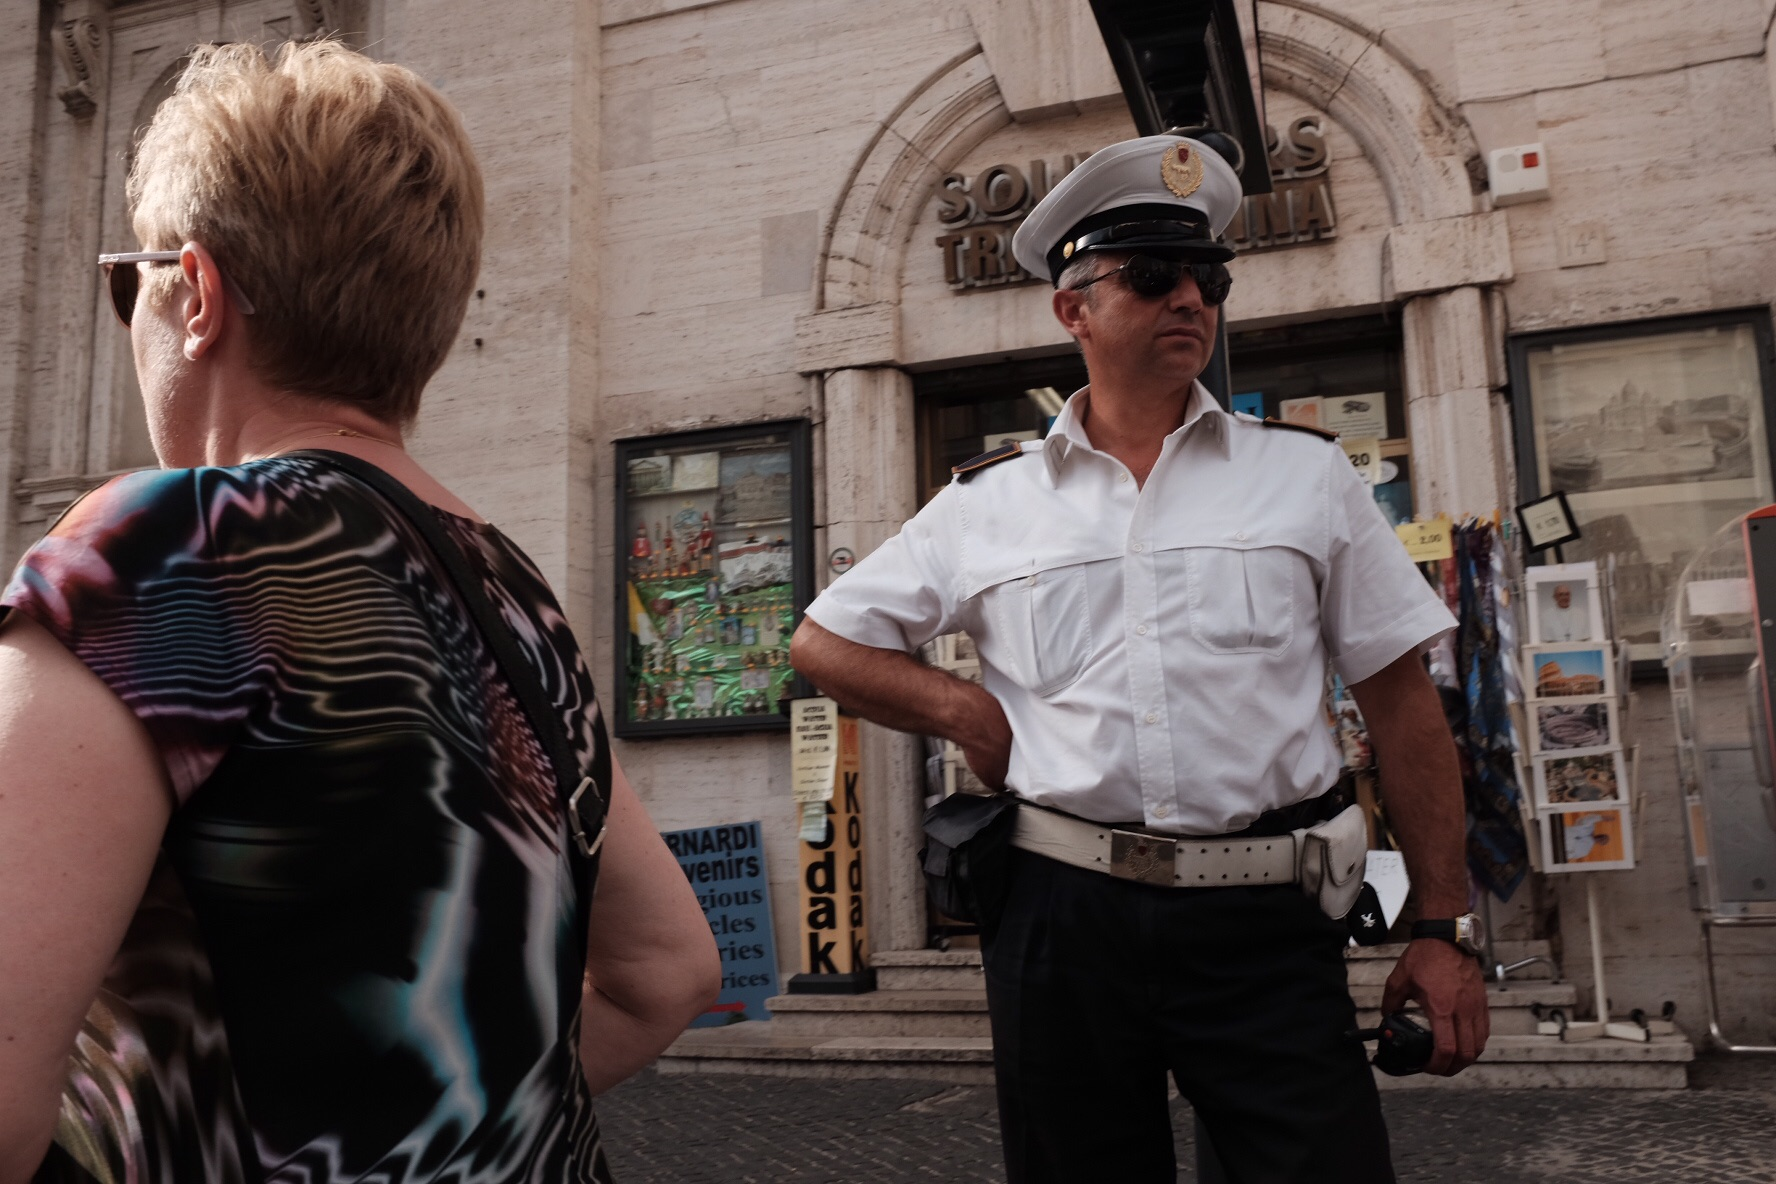 Fancy police uniform